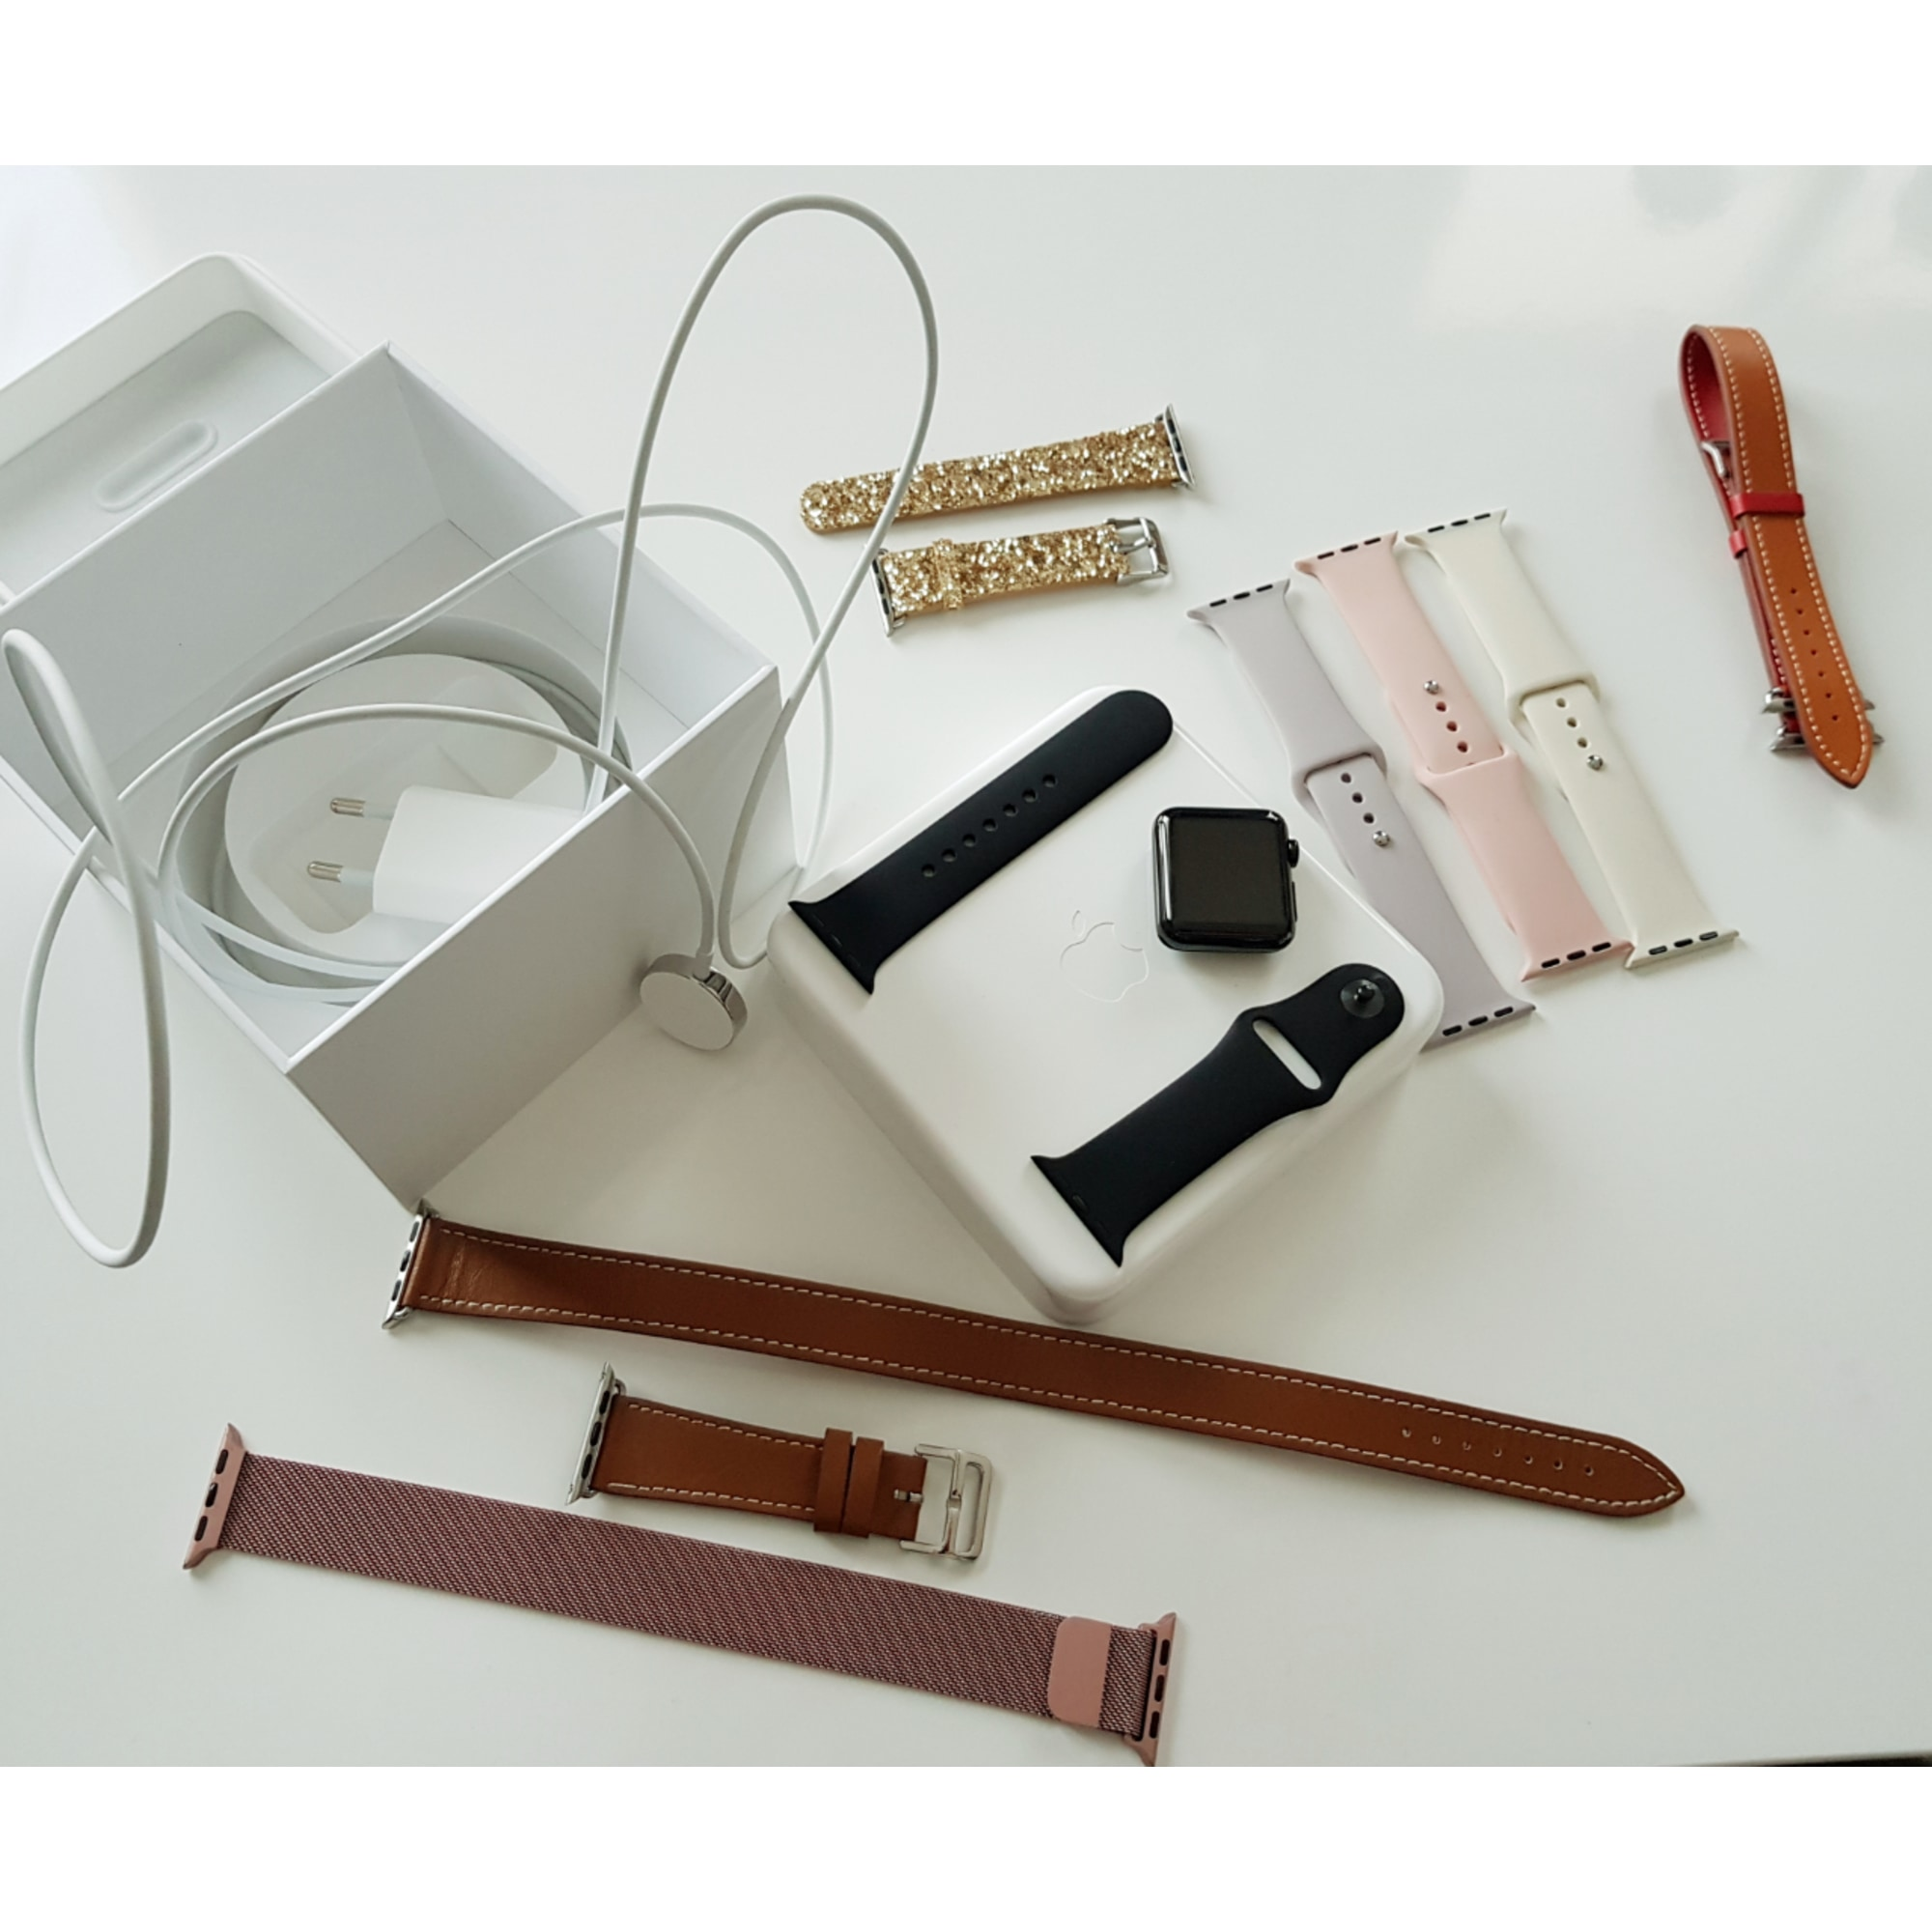 montre au poignet apple noir vendu par emeline 590 7084492. Black Bedroom Furniture Sets. Home Design Ideas